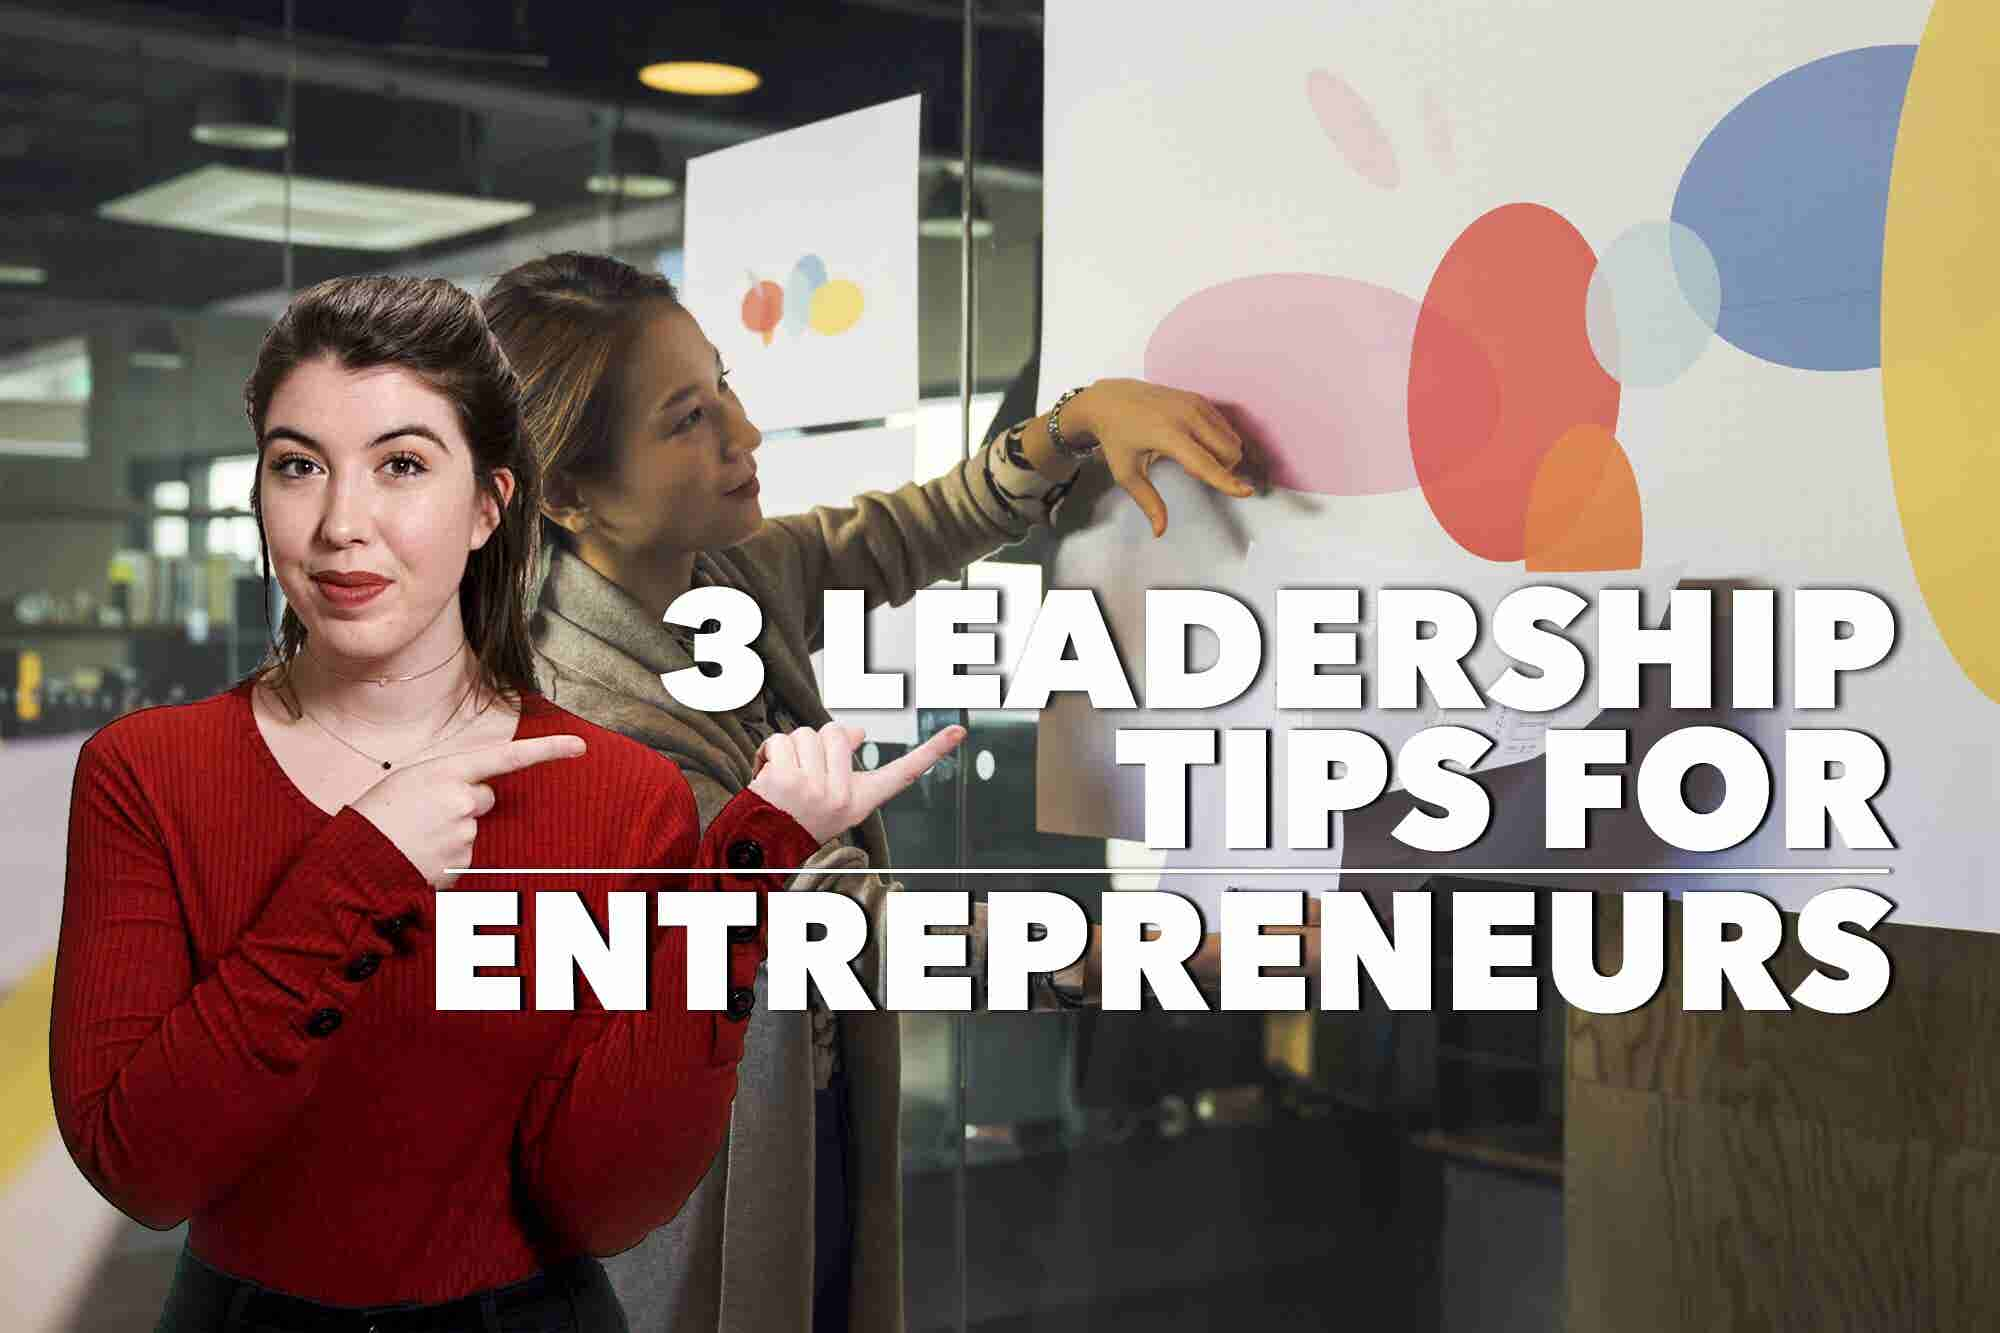 3 Leadership Tips for Entrepreneurs (60-Second Video)